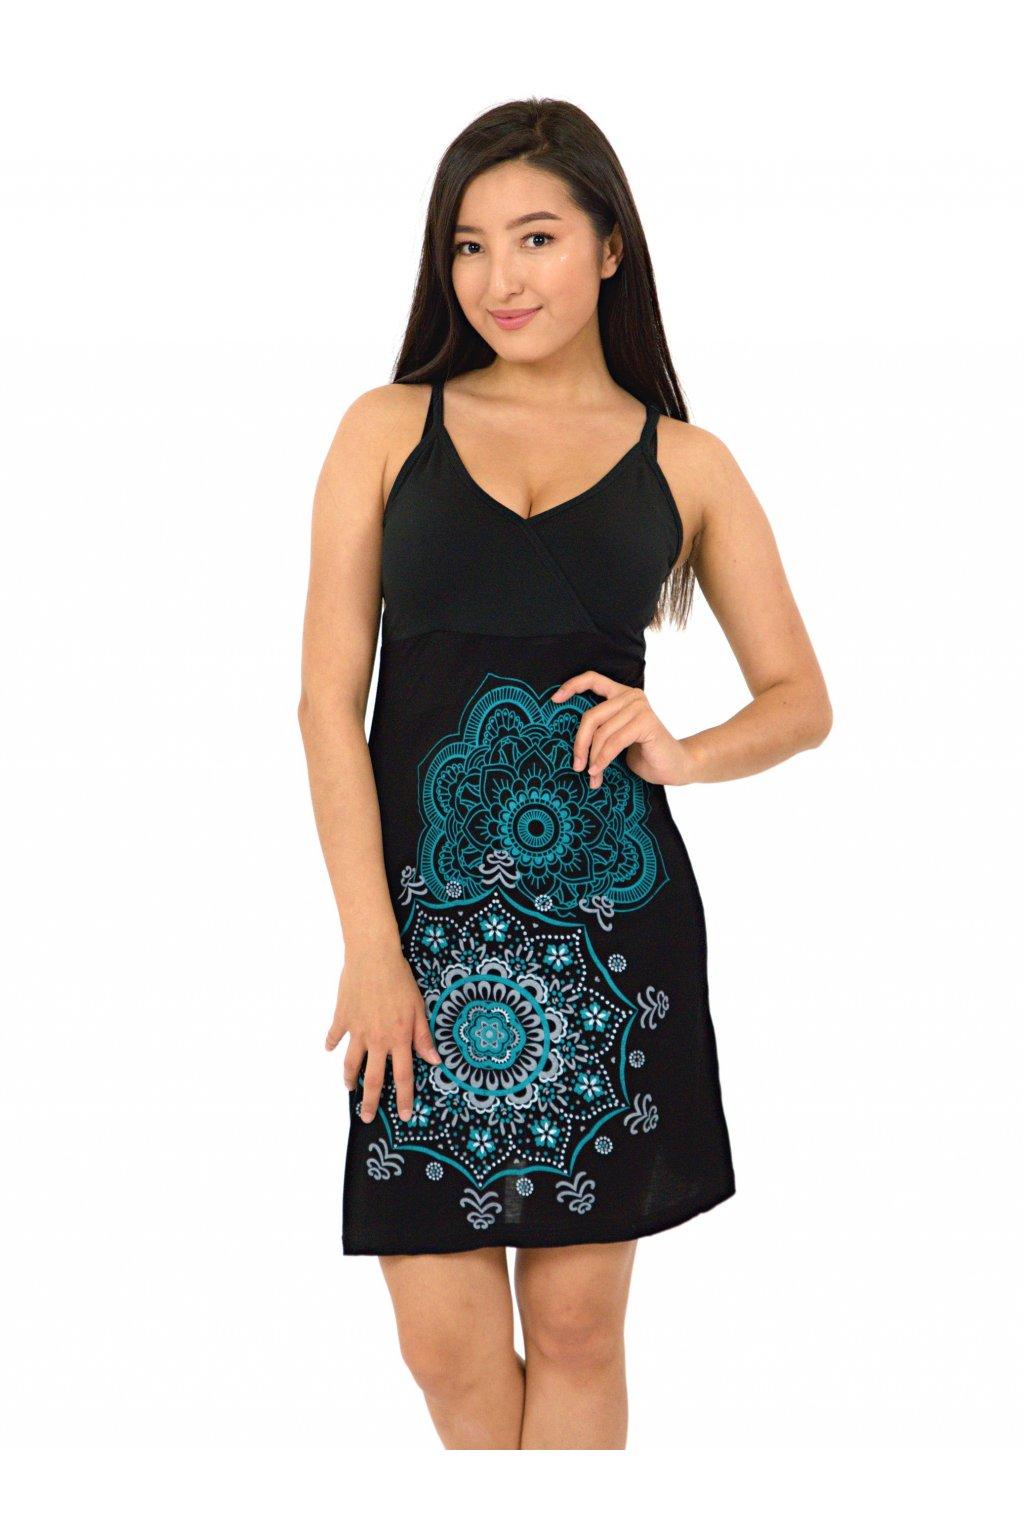 Šaty Akaroa - černá s tyrkysovou